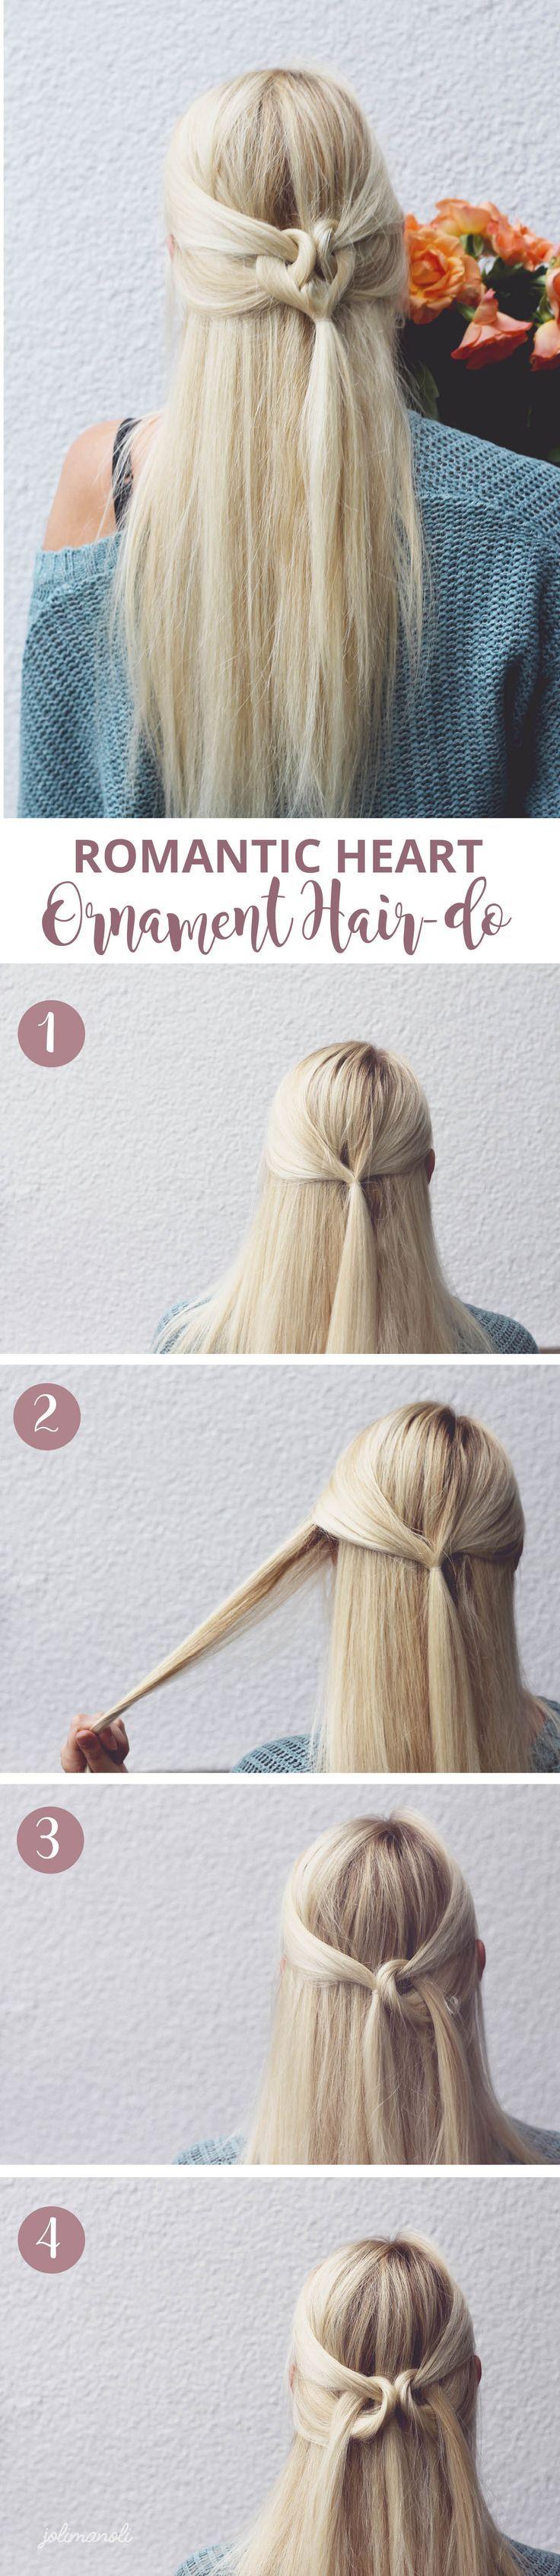 60 besten Frisuren Bilder auf Pinterest